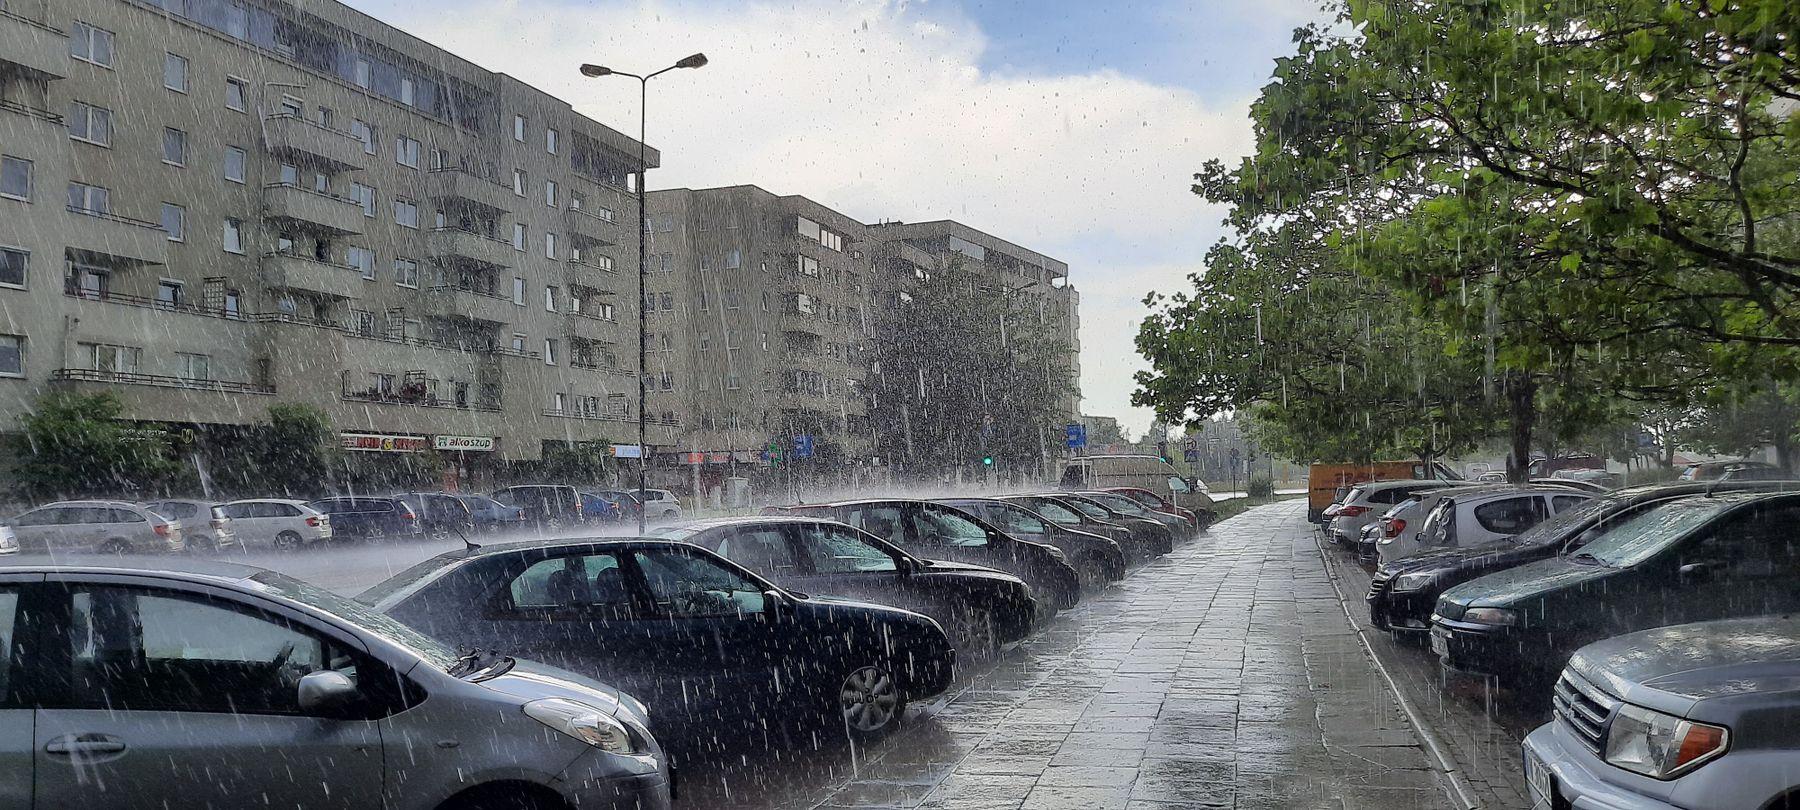 улица Варшавы во время дождя улица дождь Варшава